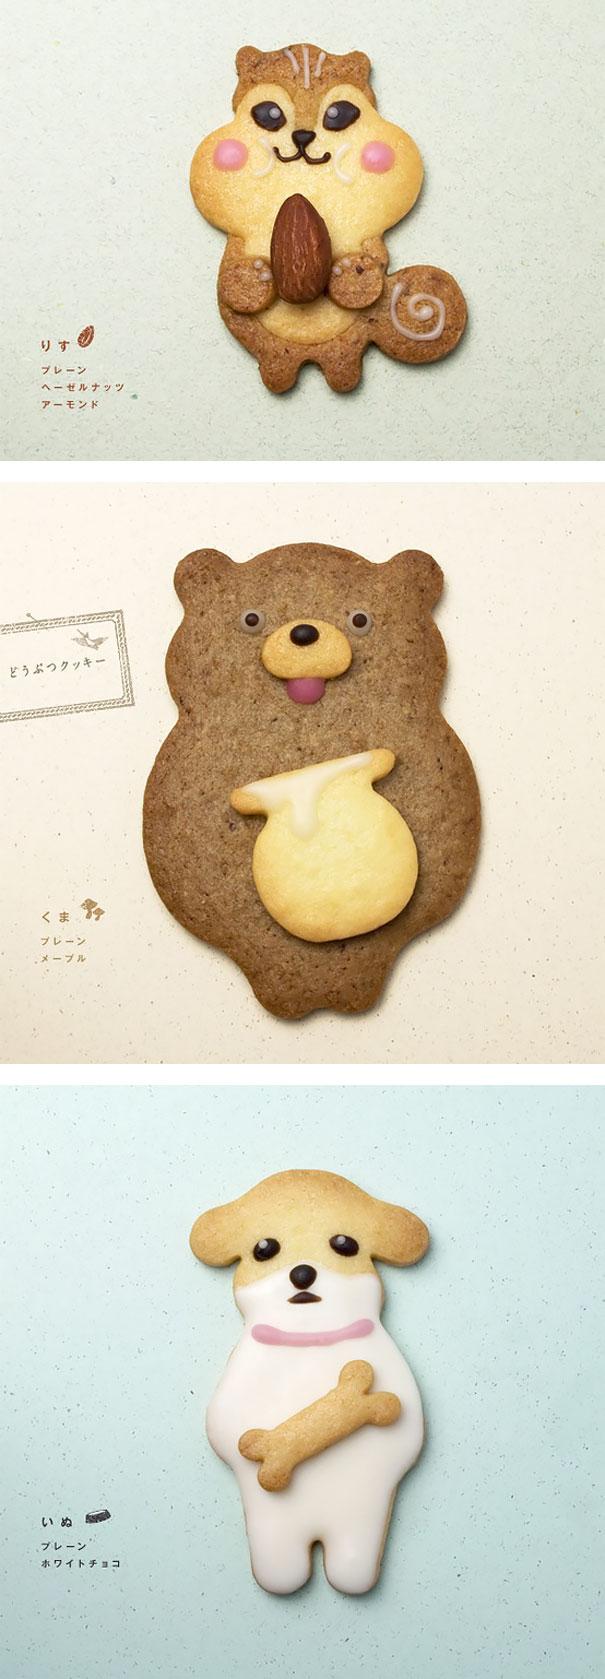 Голодним не дивитися: японські солодощі, які вражають  - фото 9